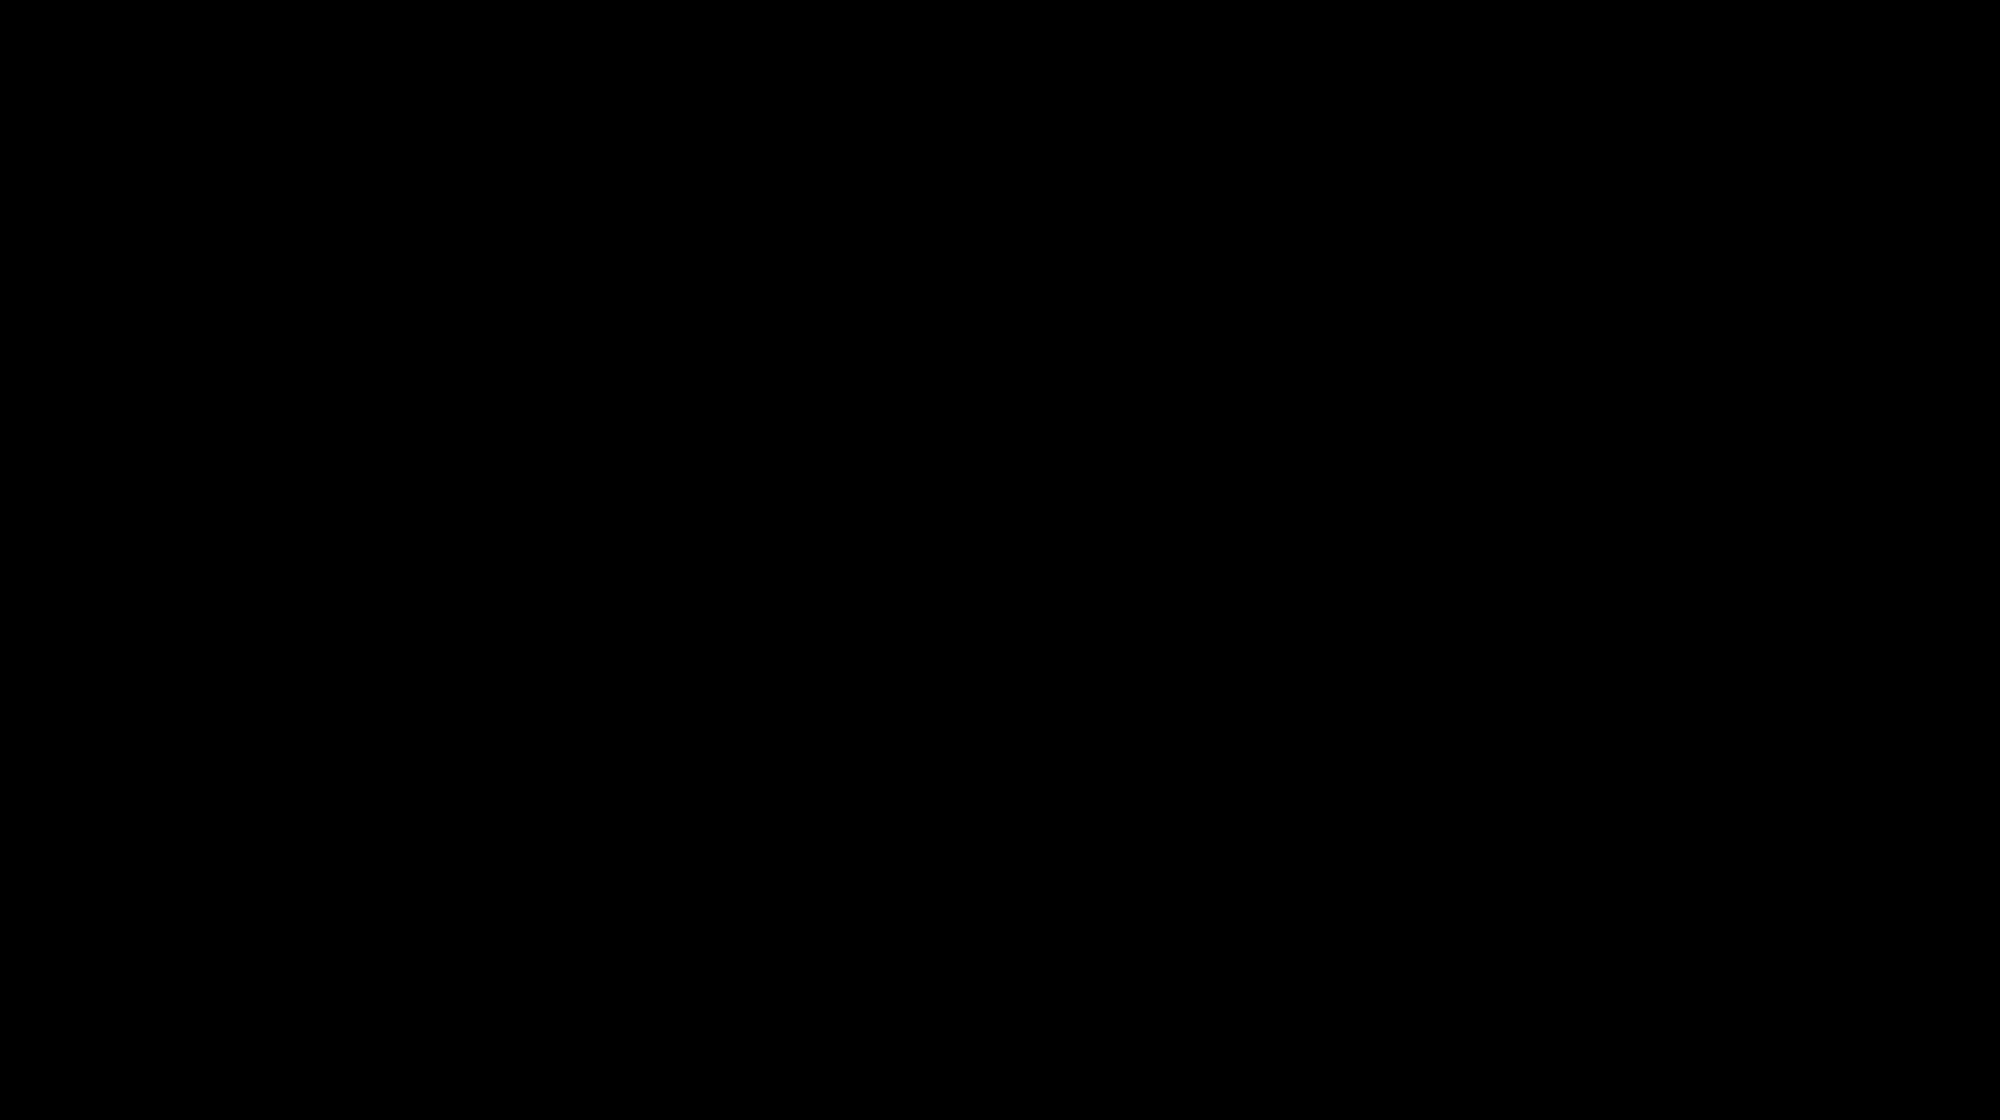 low-pass-filter